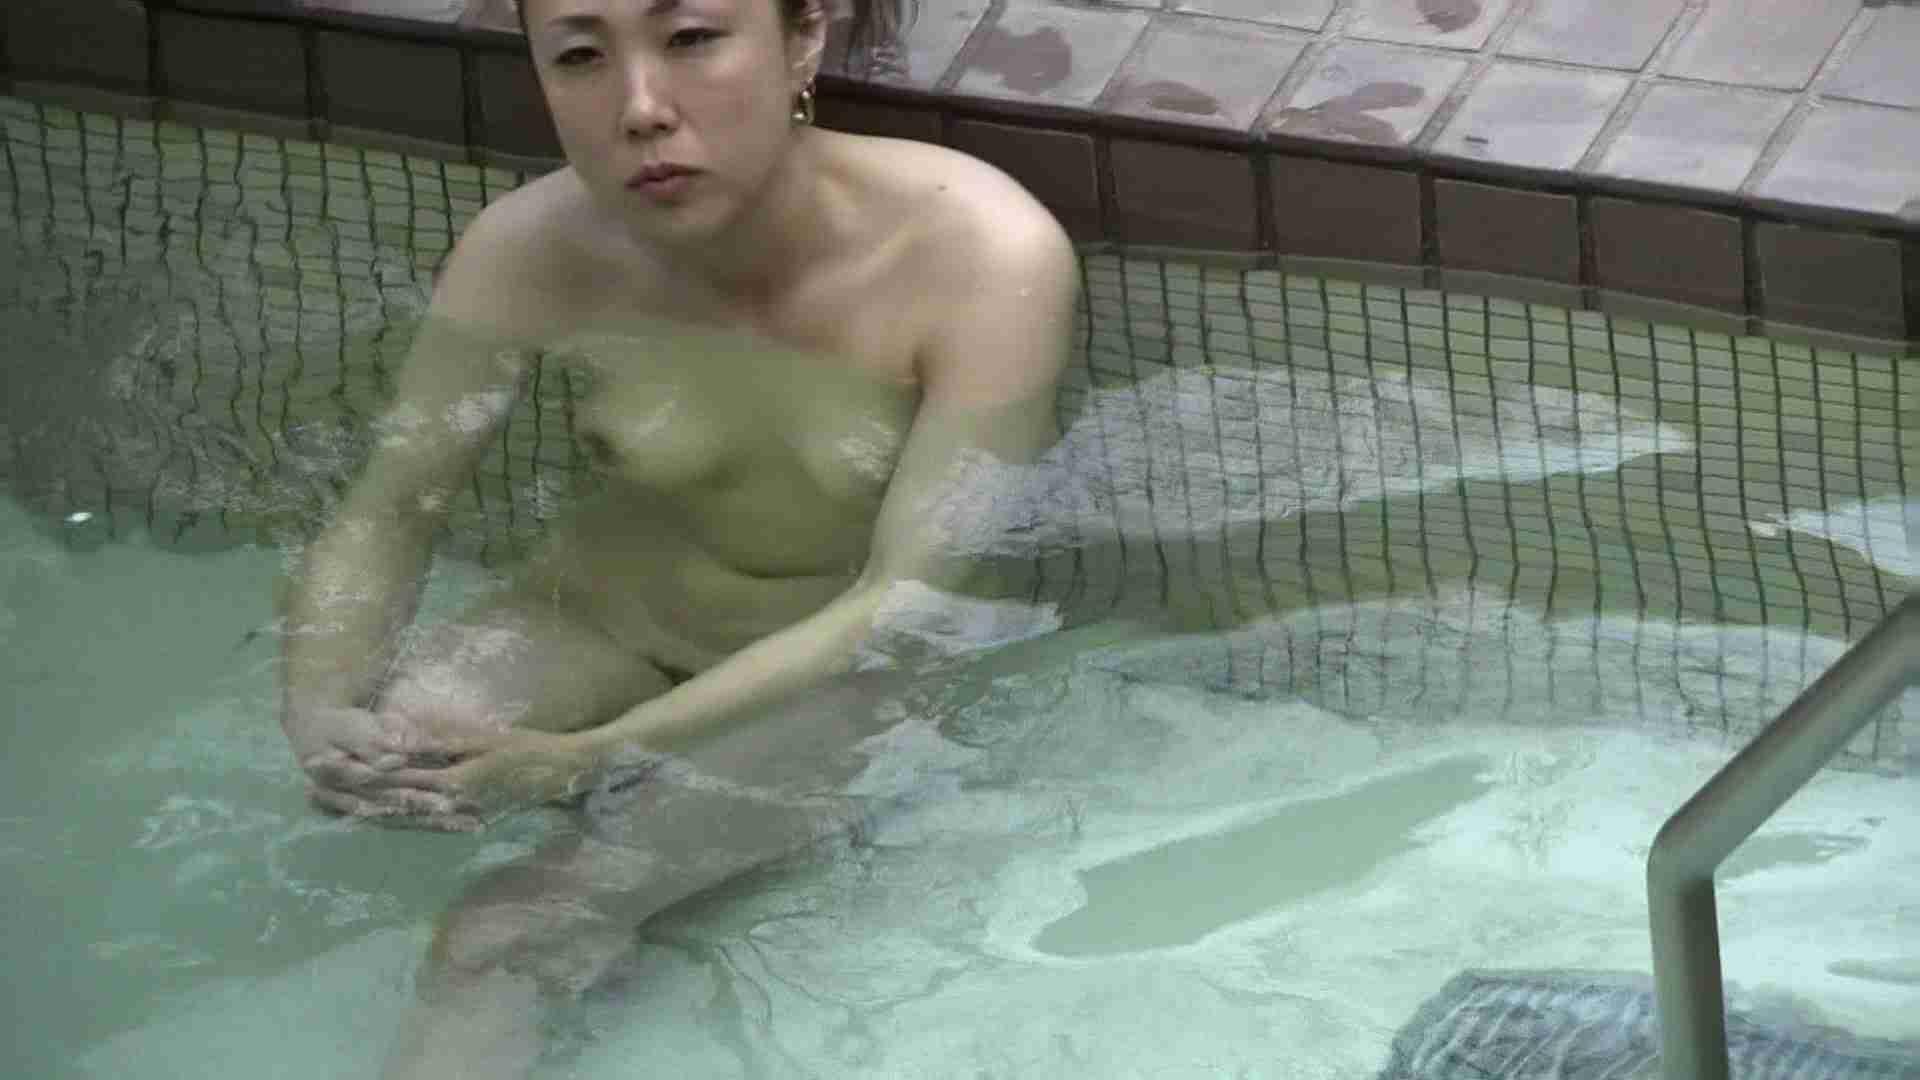 Aquaな露天風呂Vol.654 女体盗撮  87連発 69